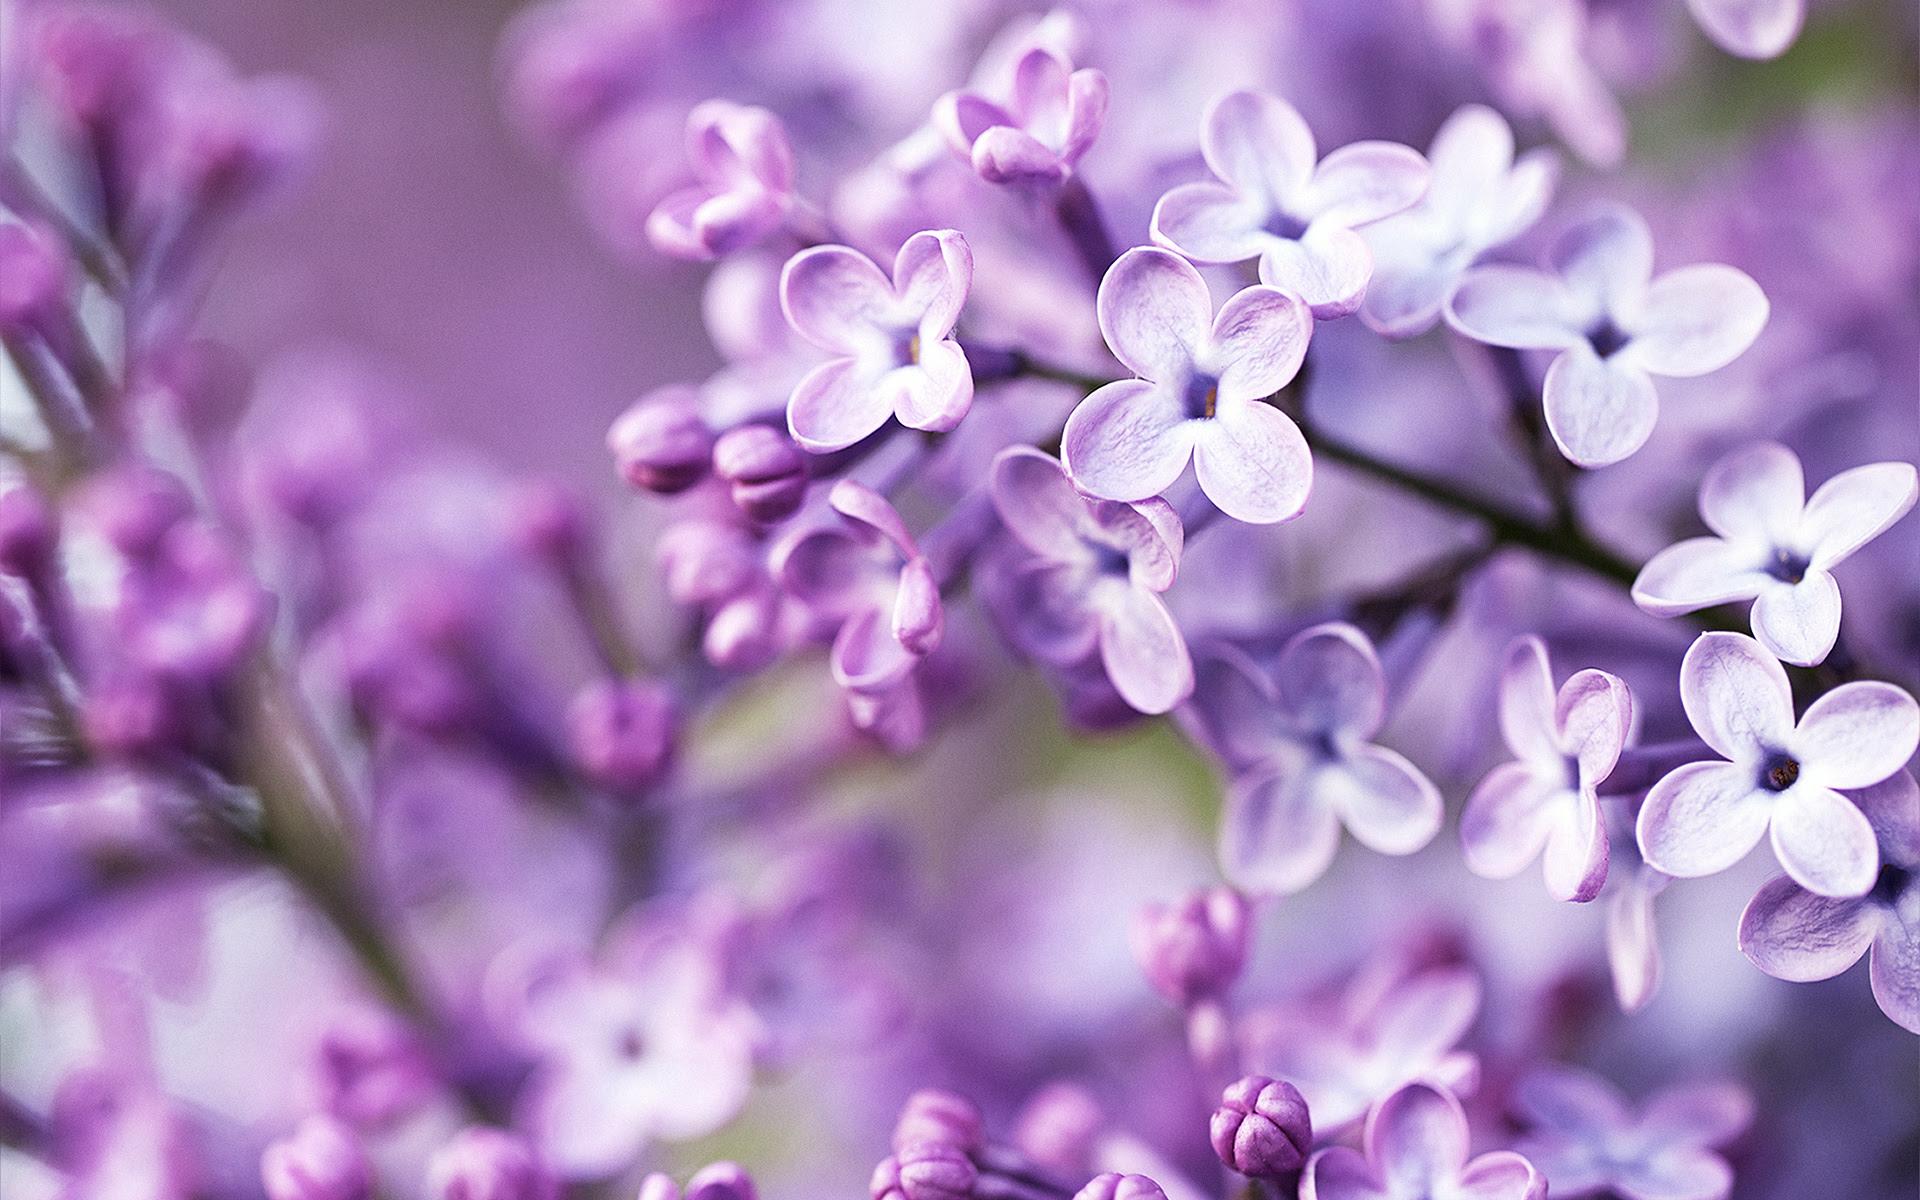 Wallpaper Hd Purple Flowers